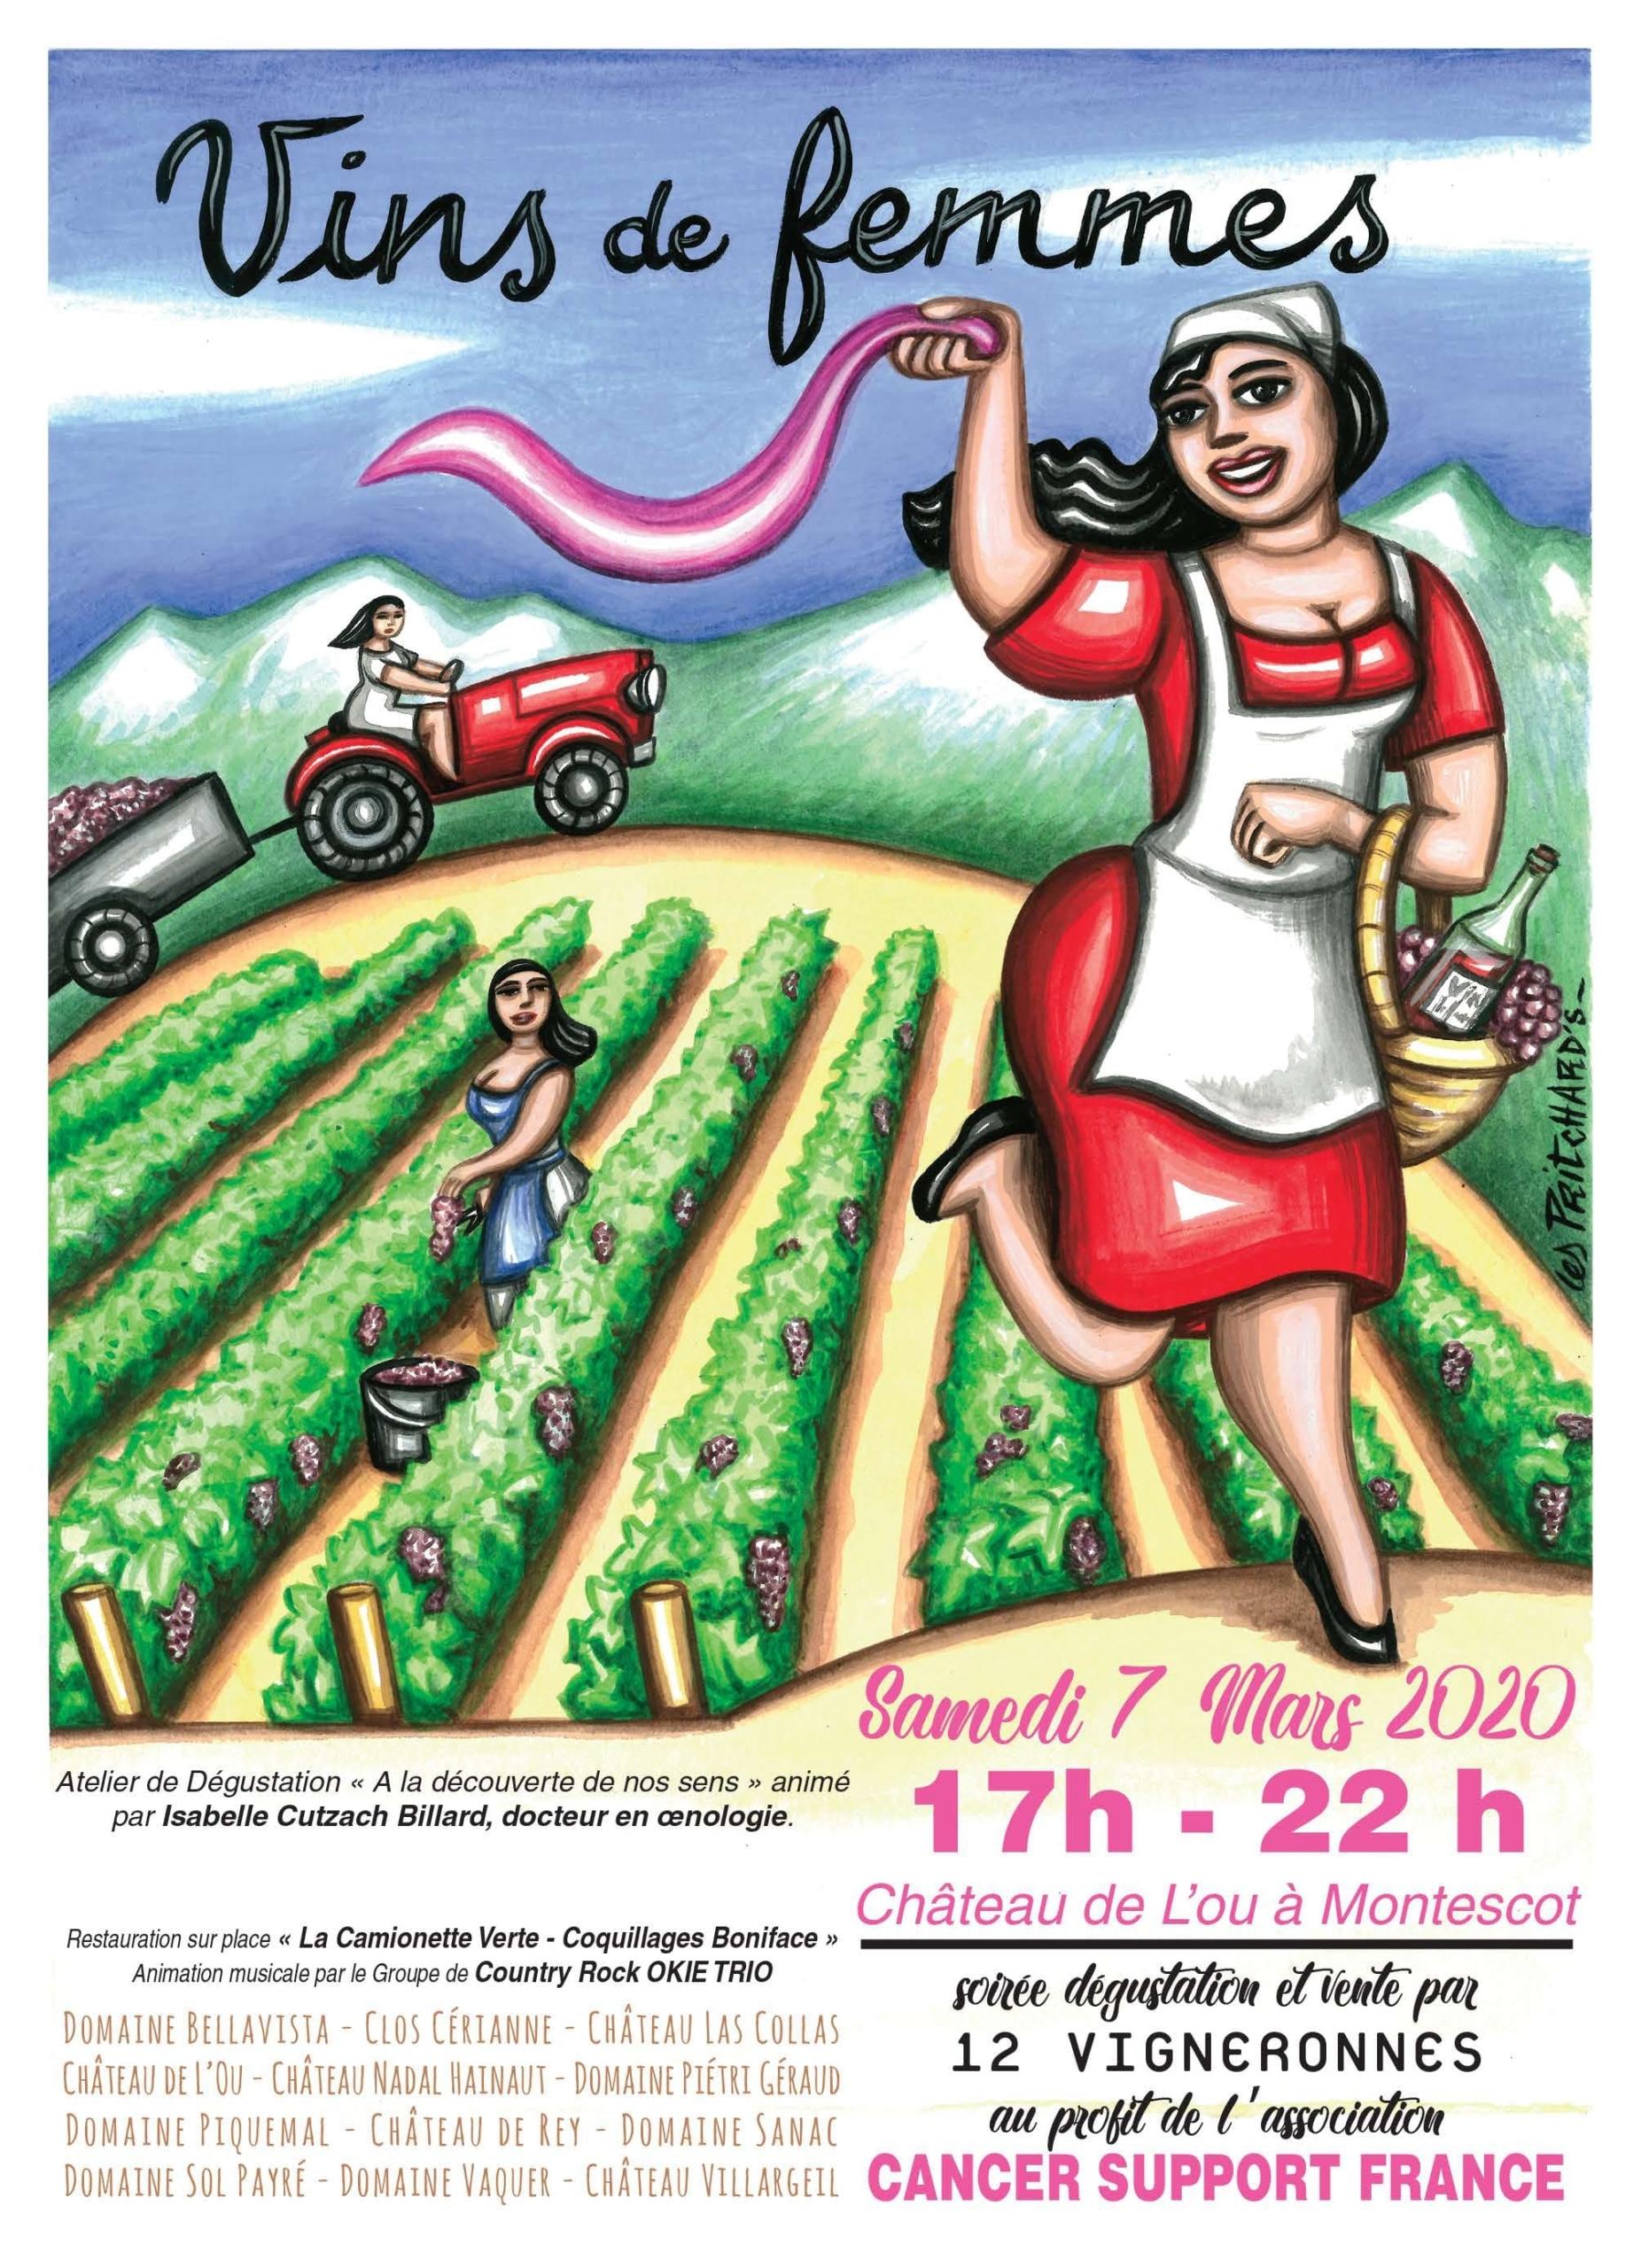 Les Vins de Femmes Montescot